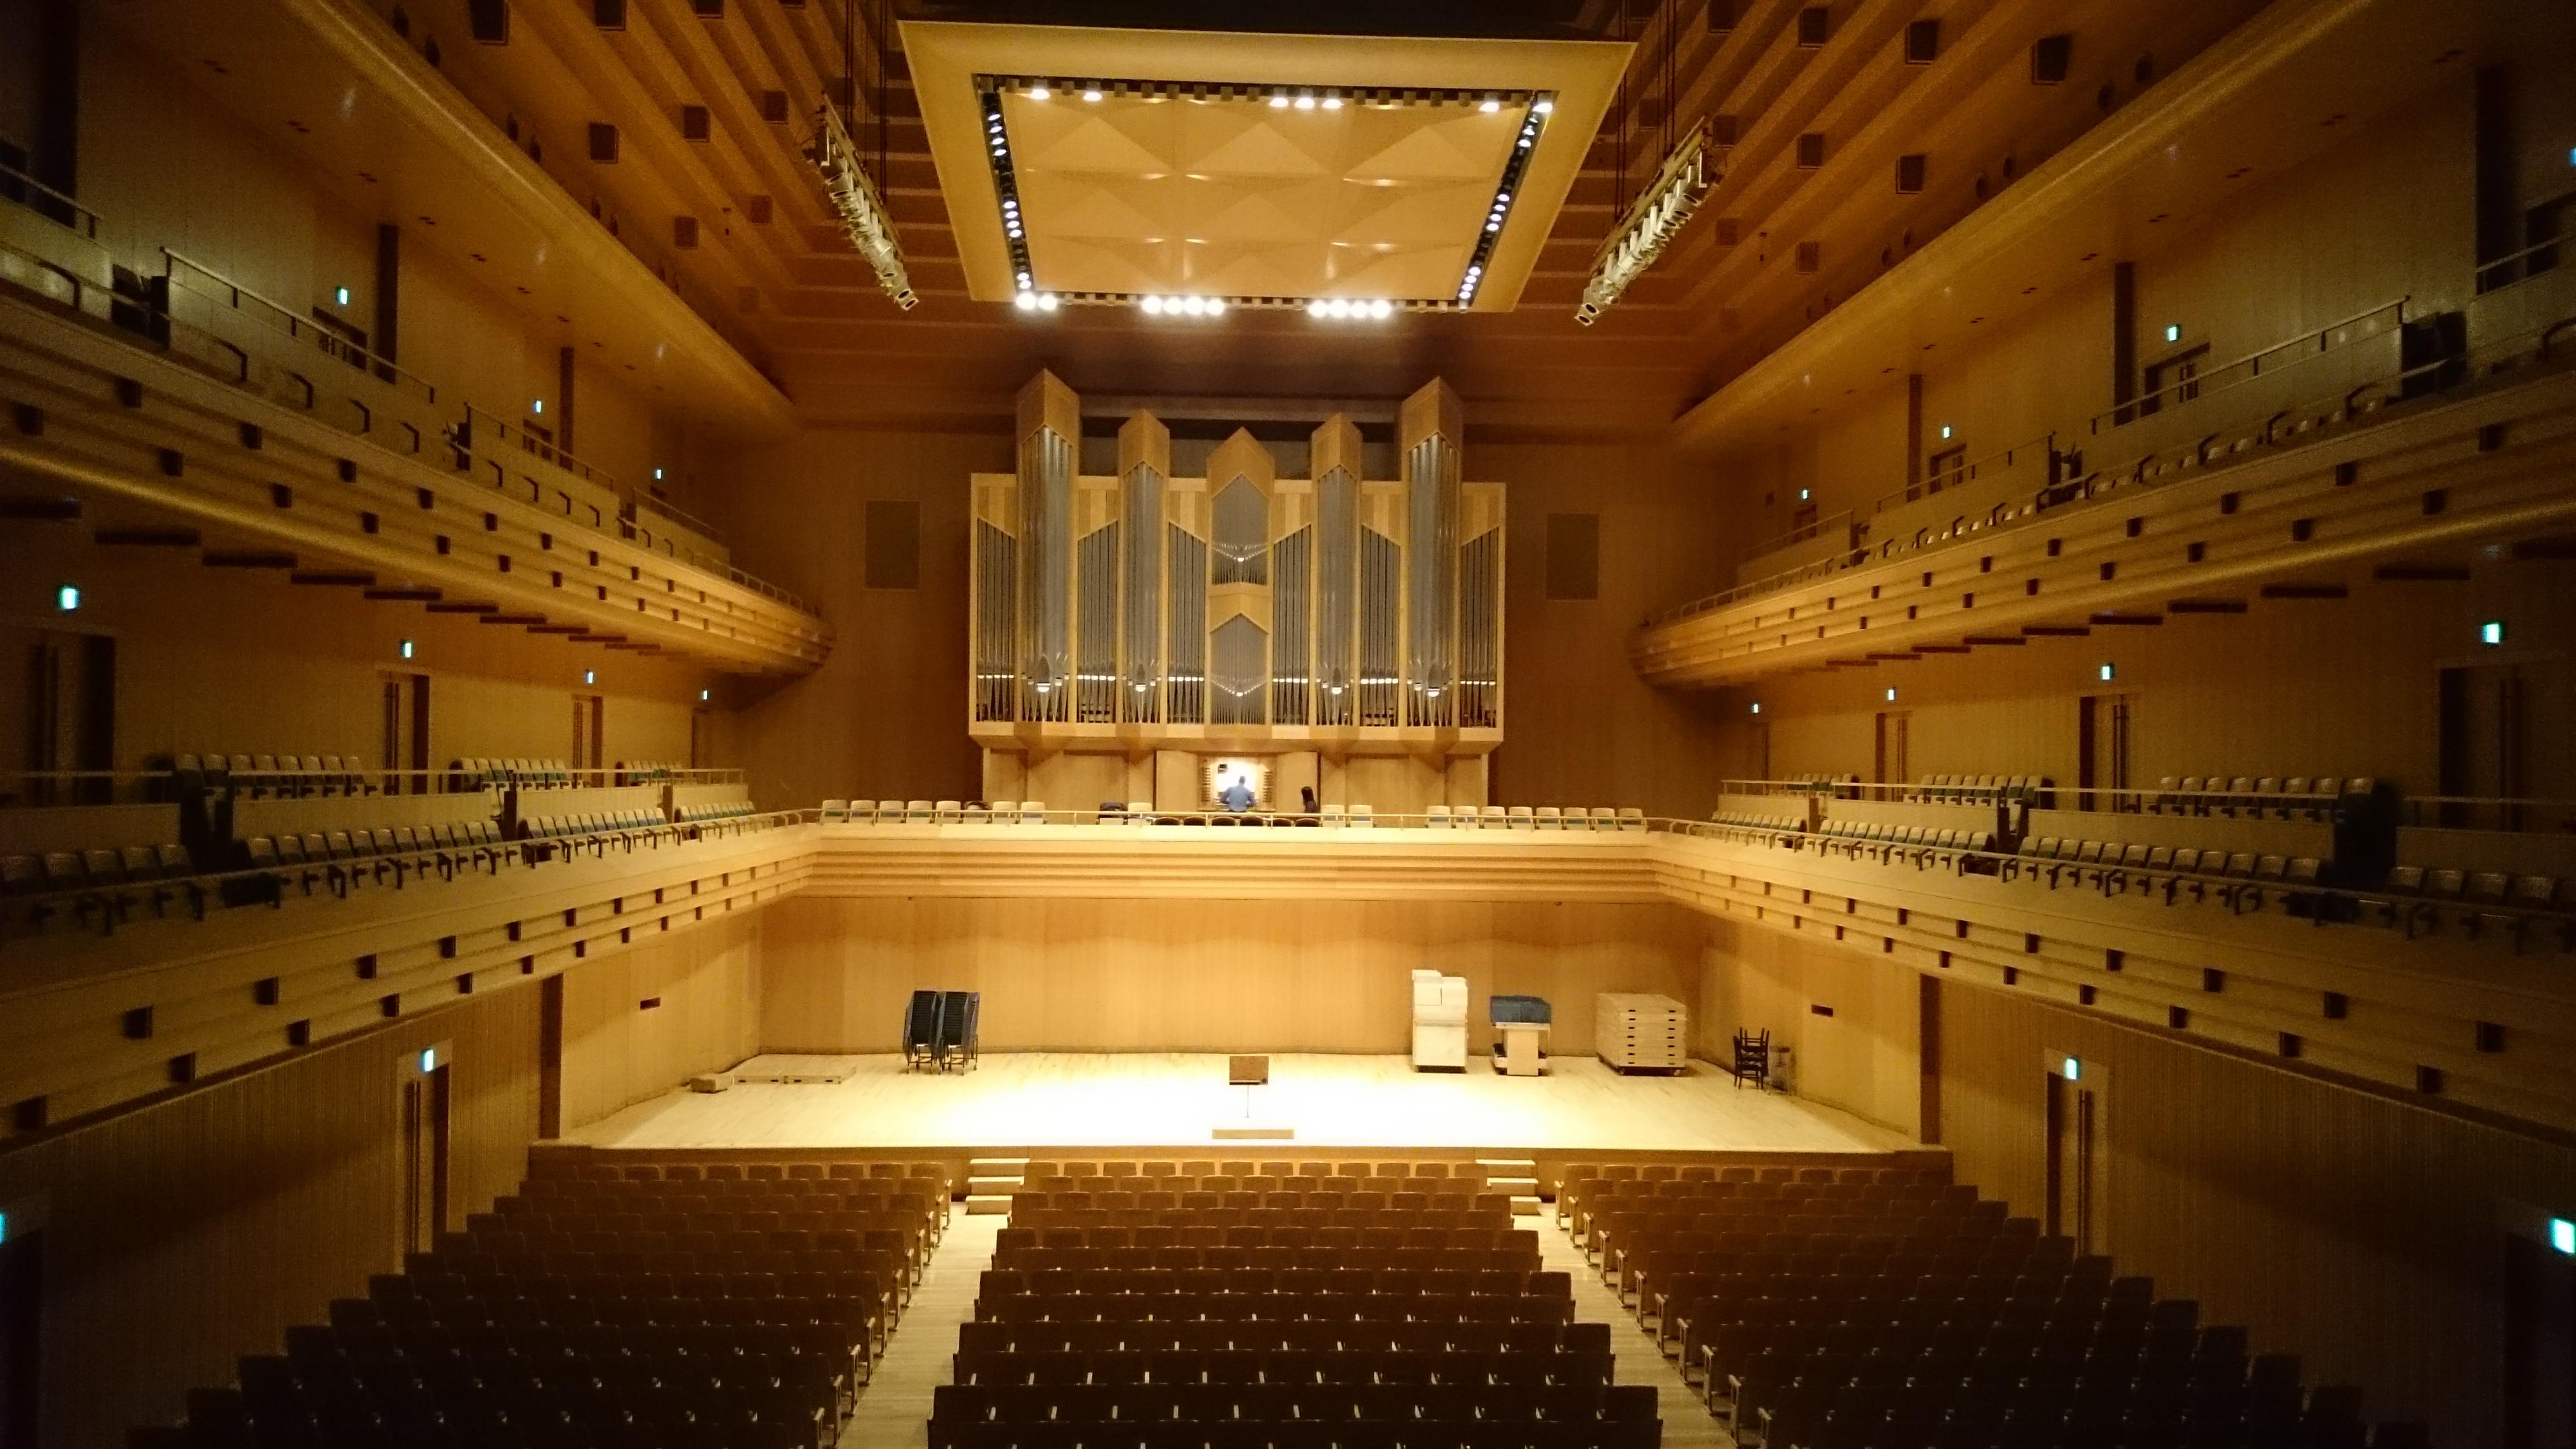 intérieur et orgue du tokyo opéra city hall , Japon